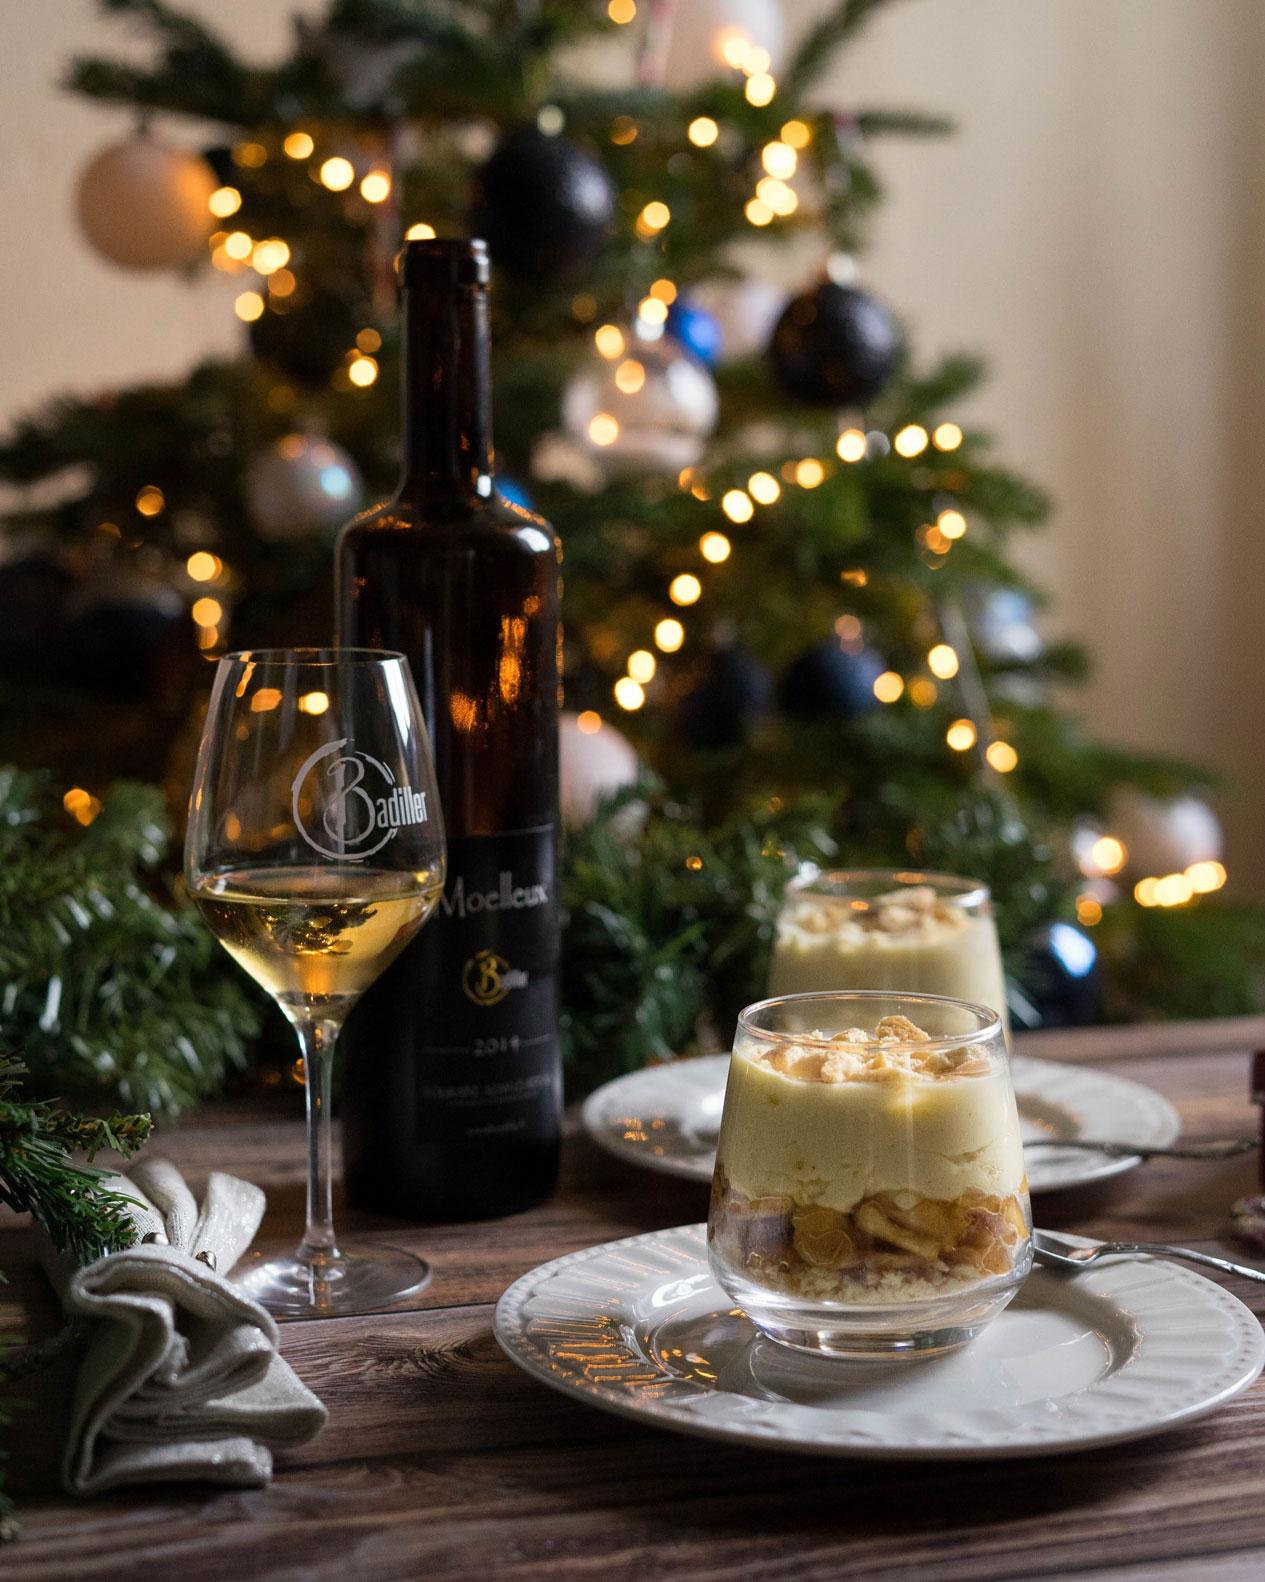 noel-vin-blanc-moelleux